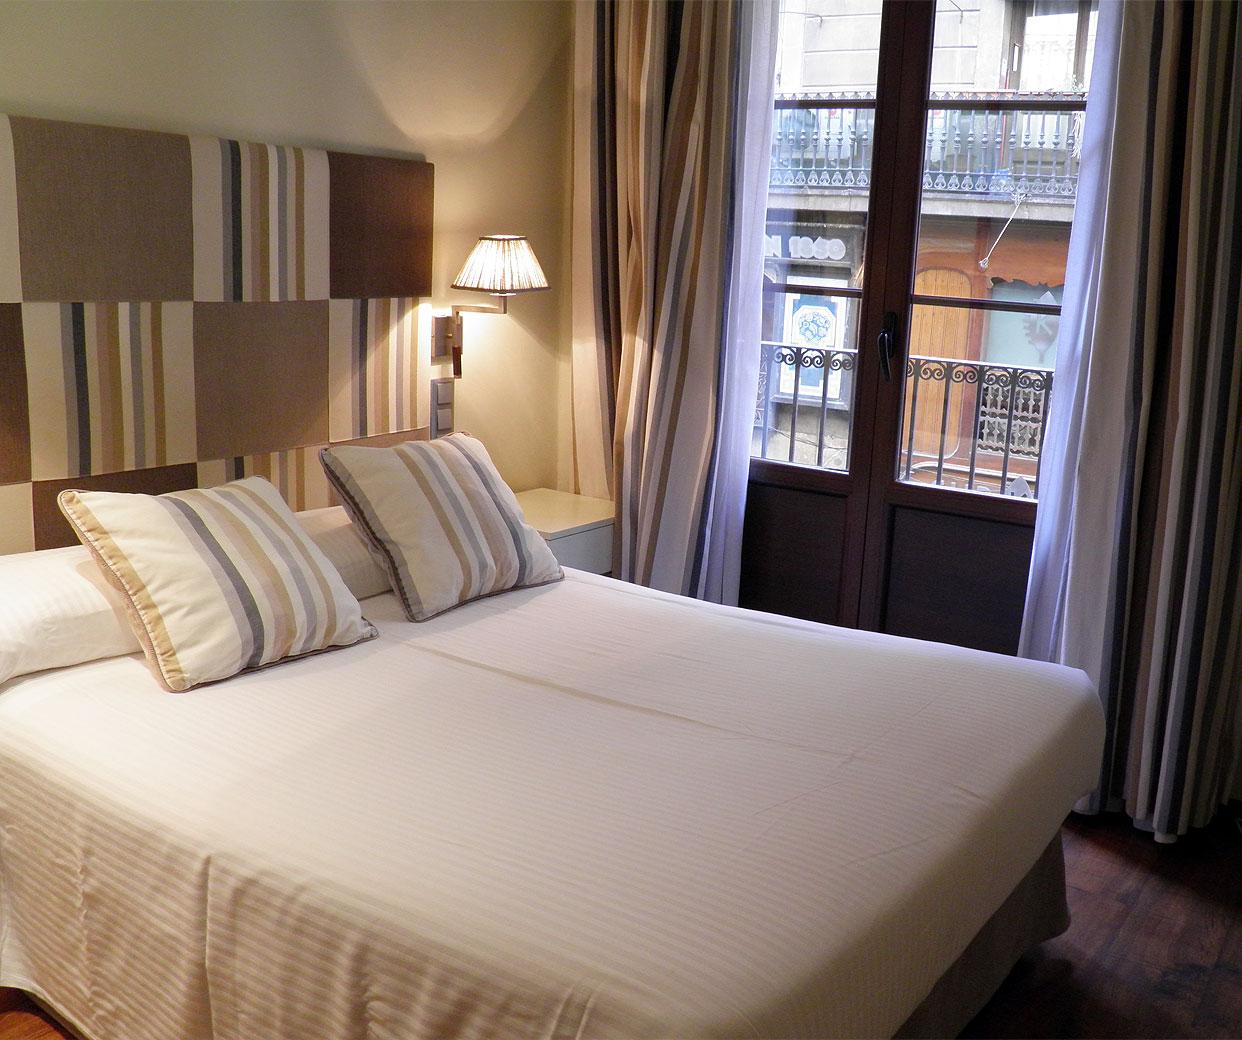 Hotel en venta en el centro de Barcelona